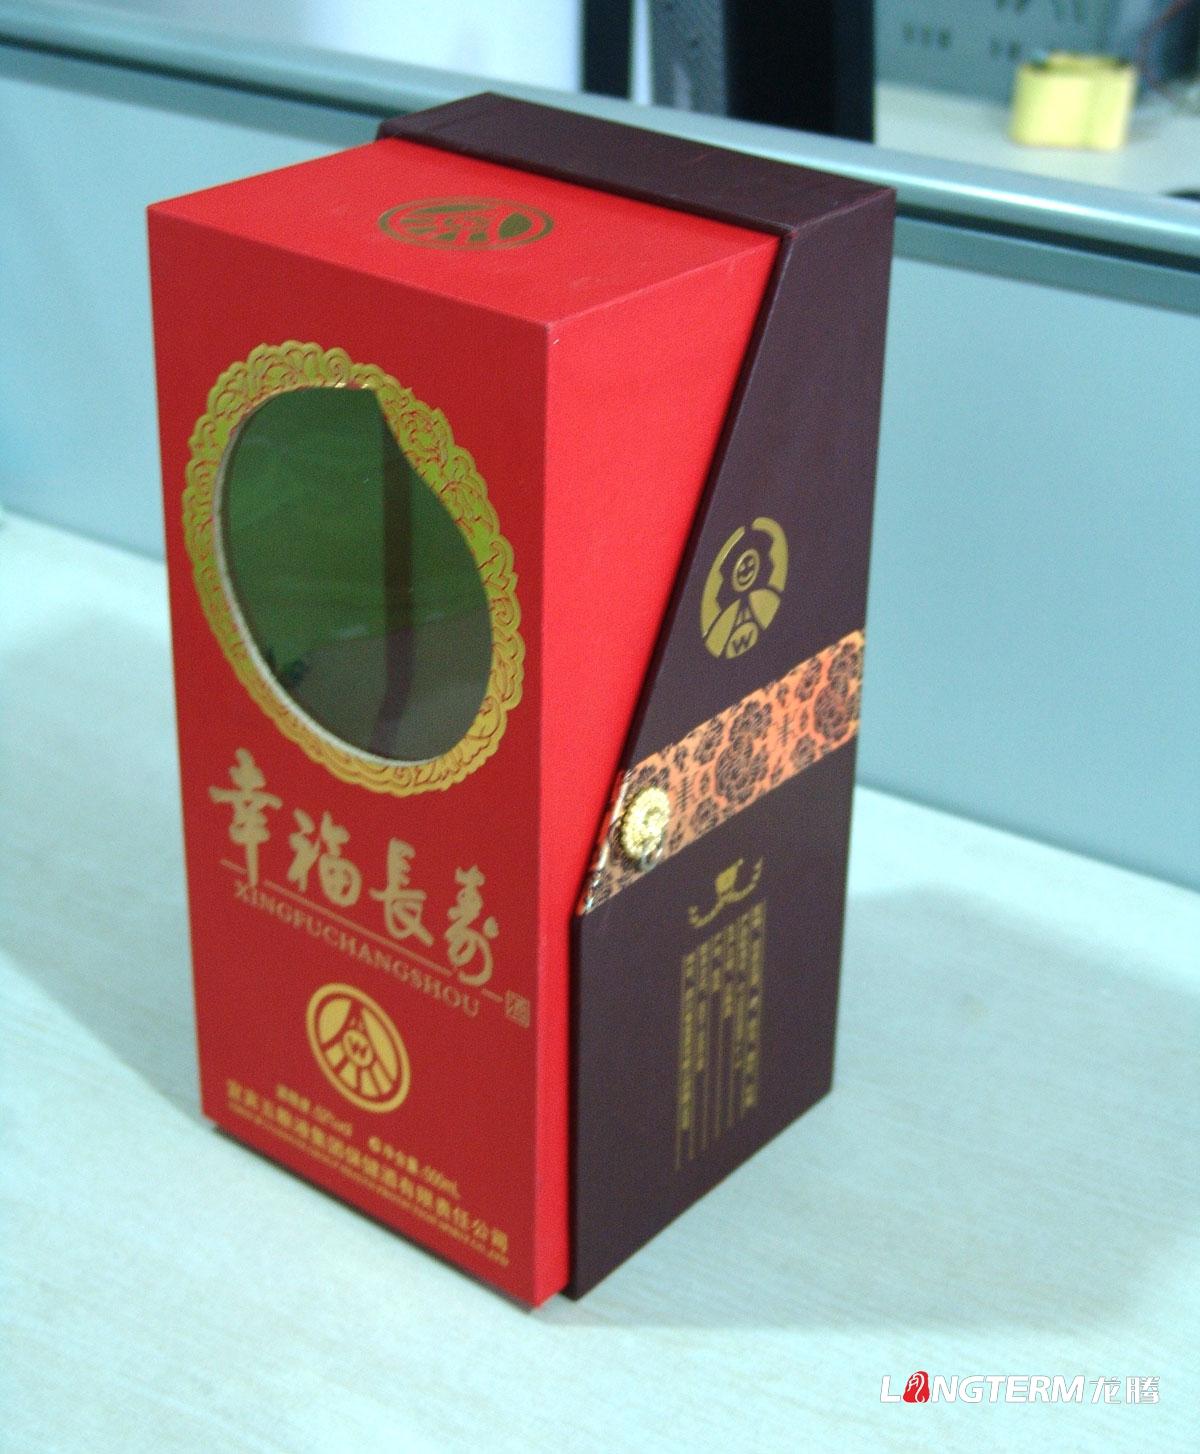 寿宴专用酒包装礼盒设计|宜宾五粮液集团保健酒公司寿酒礼盒包装设计